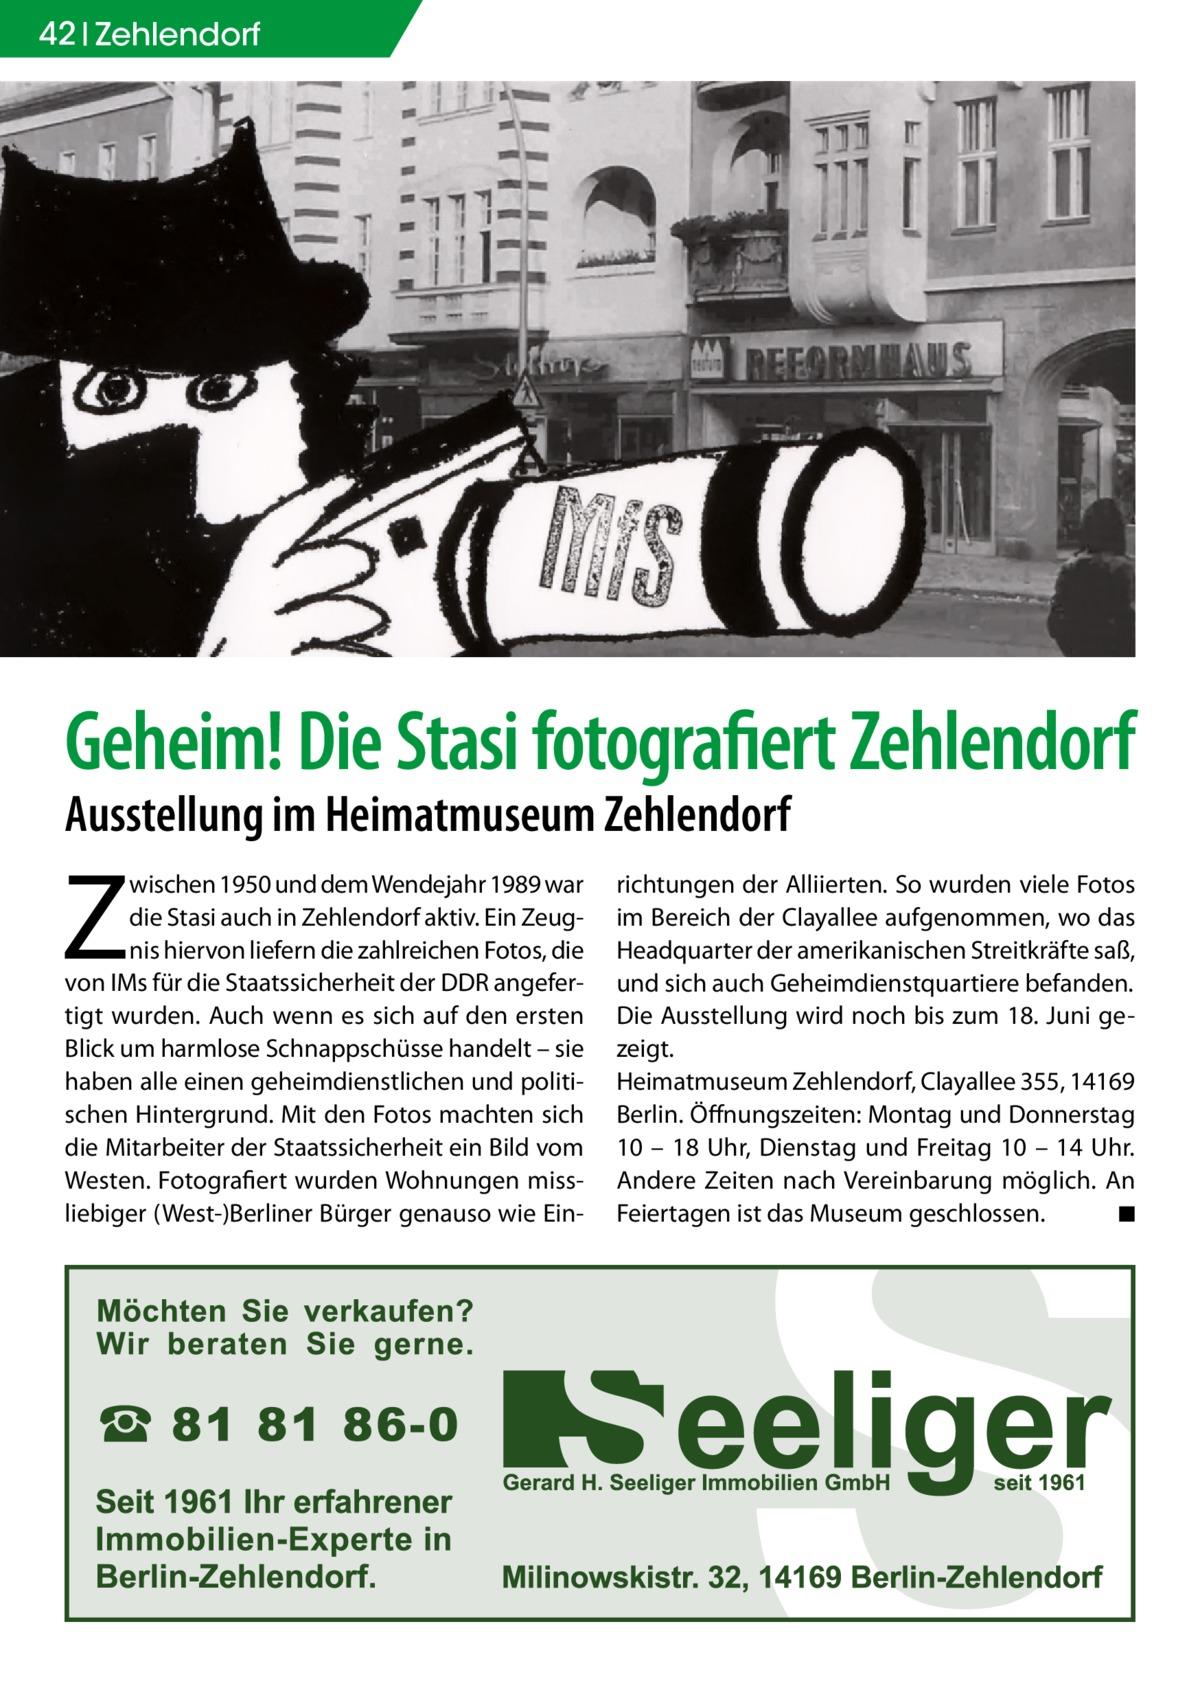 42 Zehlendorf  Geheim! Die Stasi fotografiert Zehlendorf Ausstellung im Heimatmuseum Zehlendorf  Z  wischen 1950 und dem Wendejahr 1989 war die Stasi auch in Zehlendorf aktiv. Ein Zeugnis hiervon liefern die zahlreichen Fotos, die von IMs für die Staatssicherheit der DDR angefertigt wurden. Auch wenn es sich auf den ersten Blick um harmlose Schnappschüsse handelt – sie haben alle einen geheimdienstlichen und politischen Hintergrund. Mit den Fotos machten sich die Mitarbeiter der Staatssicherheit ein Bild vom Westen. Fotografiert wurden Wohnungen missliebiger (West-)Berliner Bürger genauso wie Ein richtungen der Alliierten. So wurden viele Fotos im Bereich der Clayallee aufgenommen, wo das Headquarter der amerikanischen Streitkräfte saß, und sich auch Geheimdienstquartiere befanden. Die Ausstellung wird noch bis zum 18. Juni gezeigt. Heimatmuseum Zehlendorf, Clayallee355, 14169 Berlin. Öffnungszeiten: Montag und Donnerstag 10 – 18 Uhr, Dienstag und Freitag 10 – 14 Uhr. Andere Zeiten nach Vereinbarung möglich. An Feiertagen ist das Museum geschlossen. � ◾